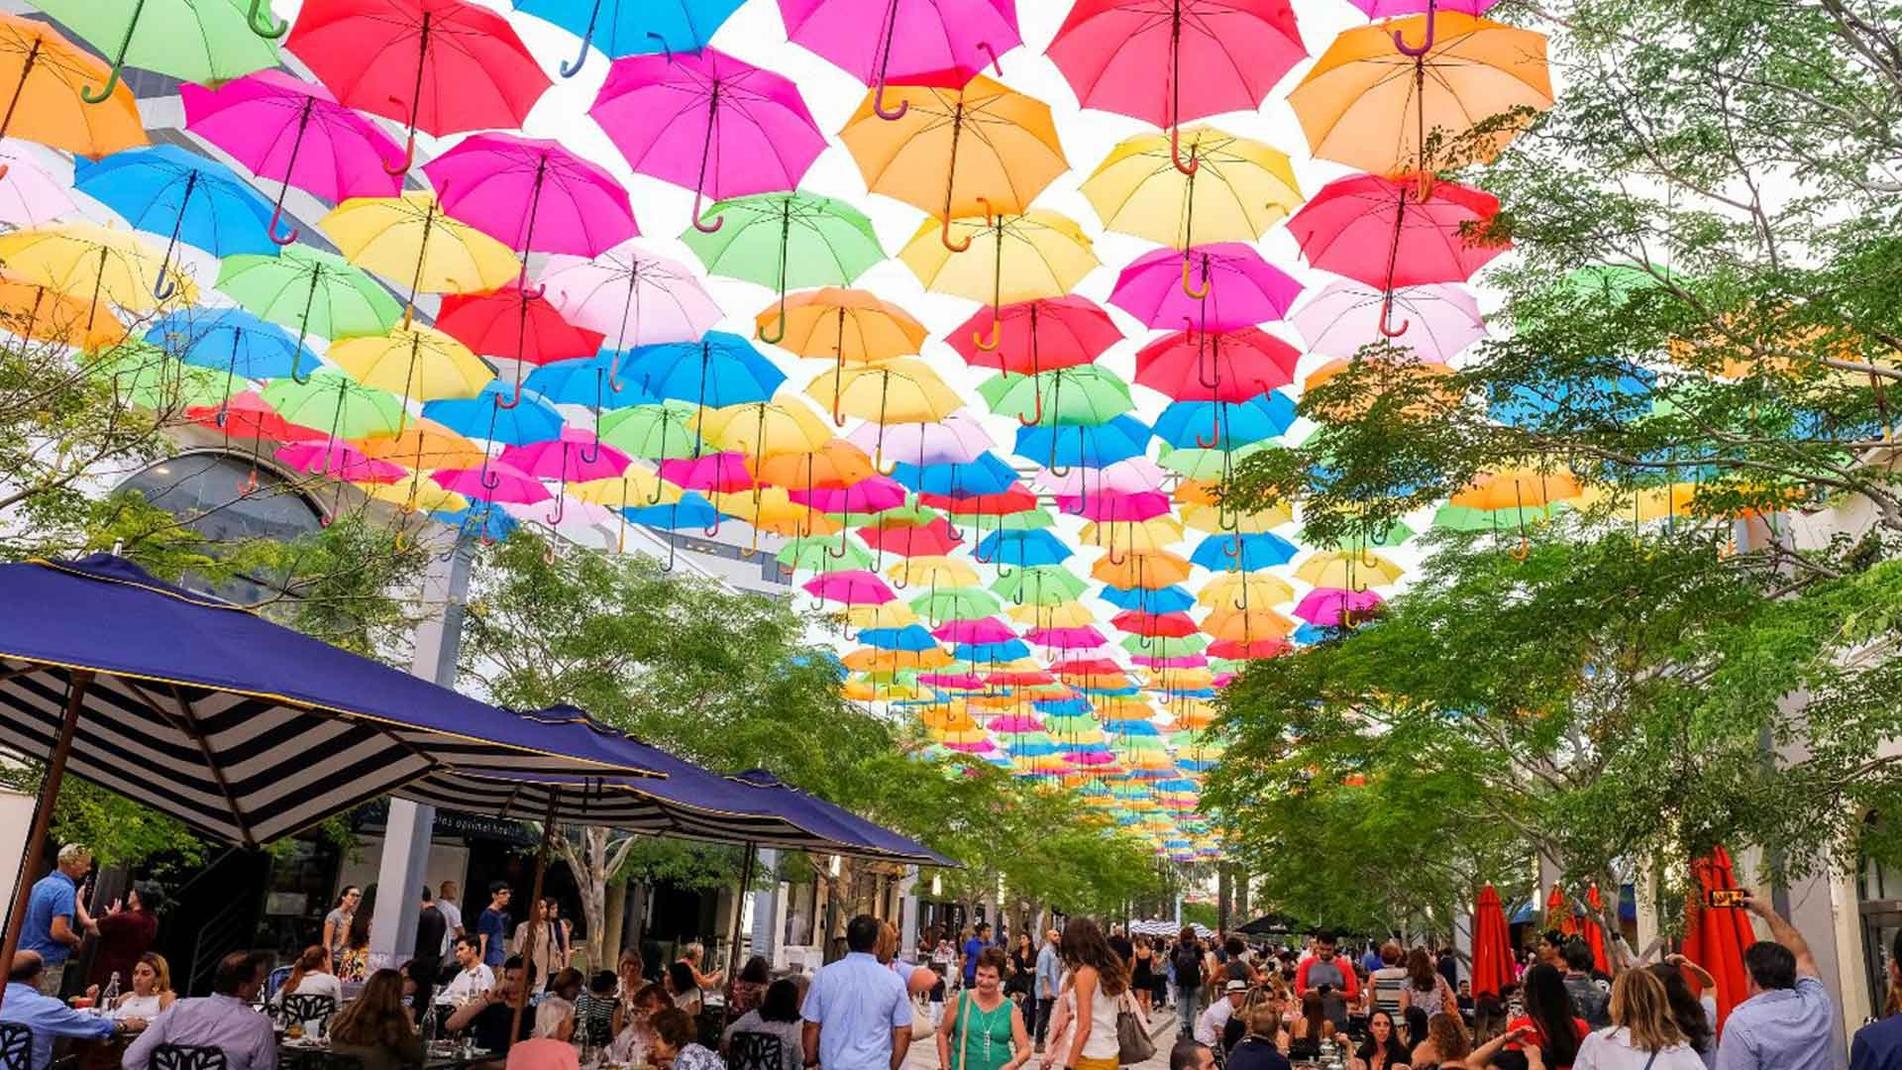 雨傘アートインスタレーションにより、コラル=ゲーブルズのヒラルダ・プラザでカラフルな爆発が追加